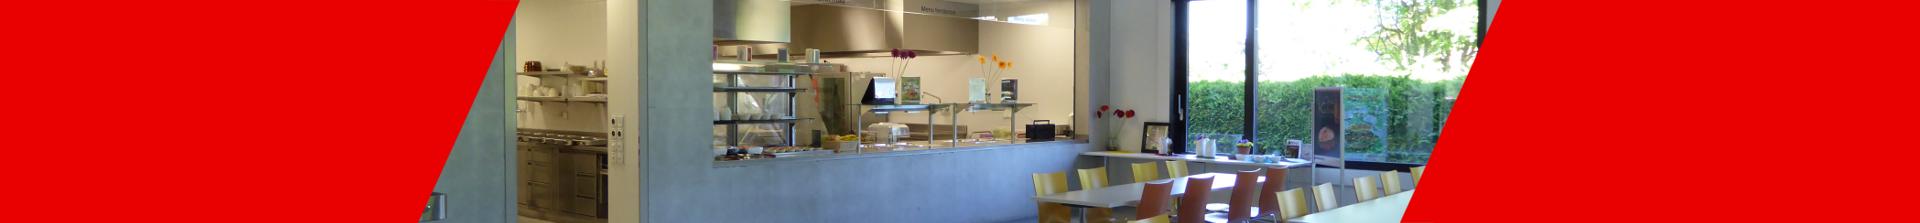 certificado medico madrid centro promociones de multivacaciones decameron